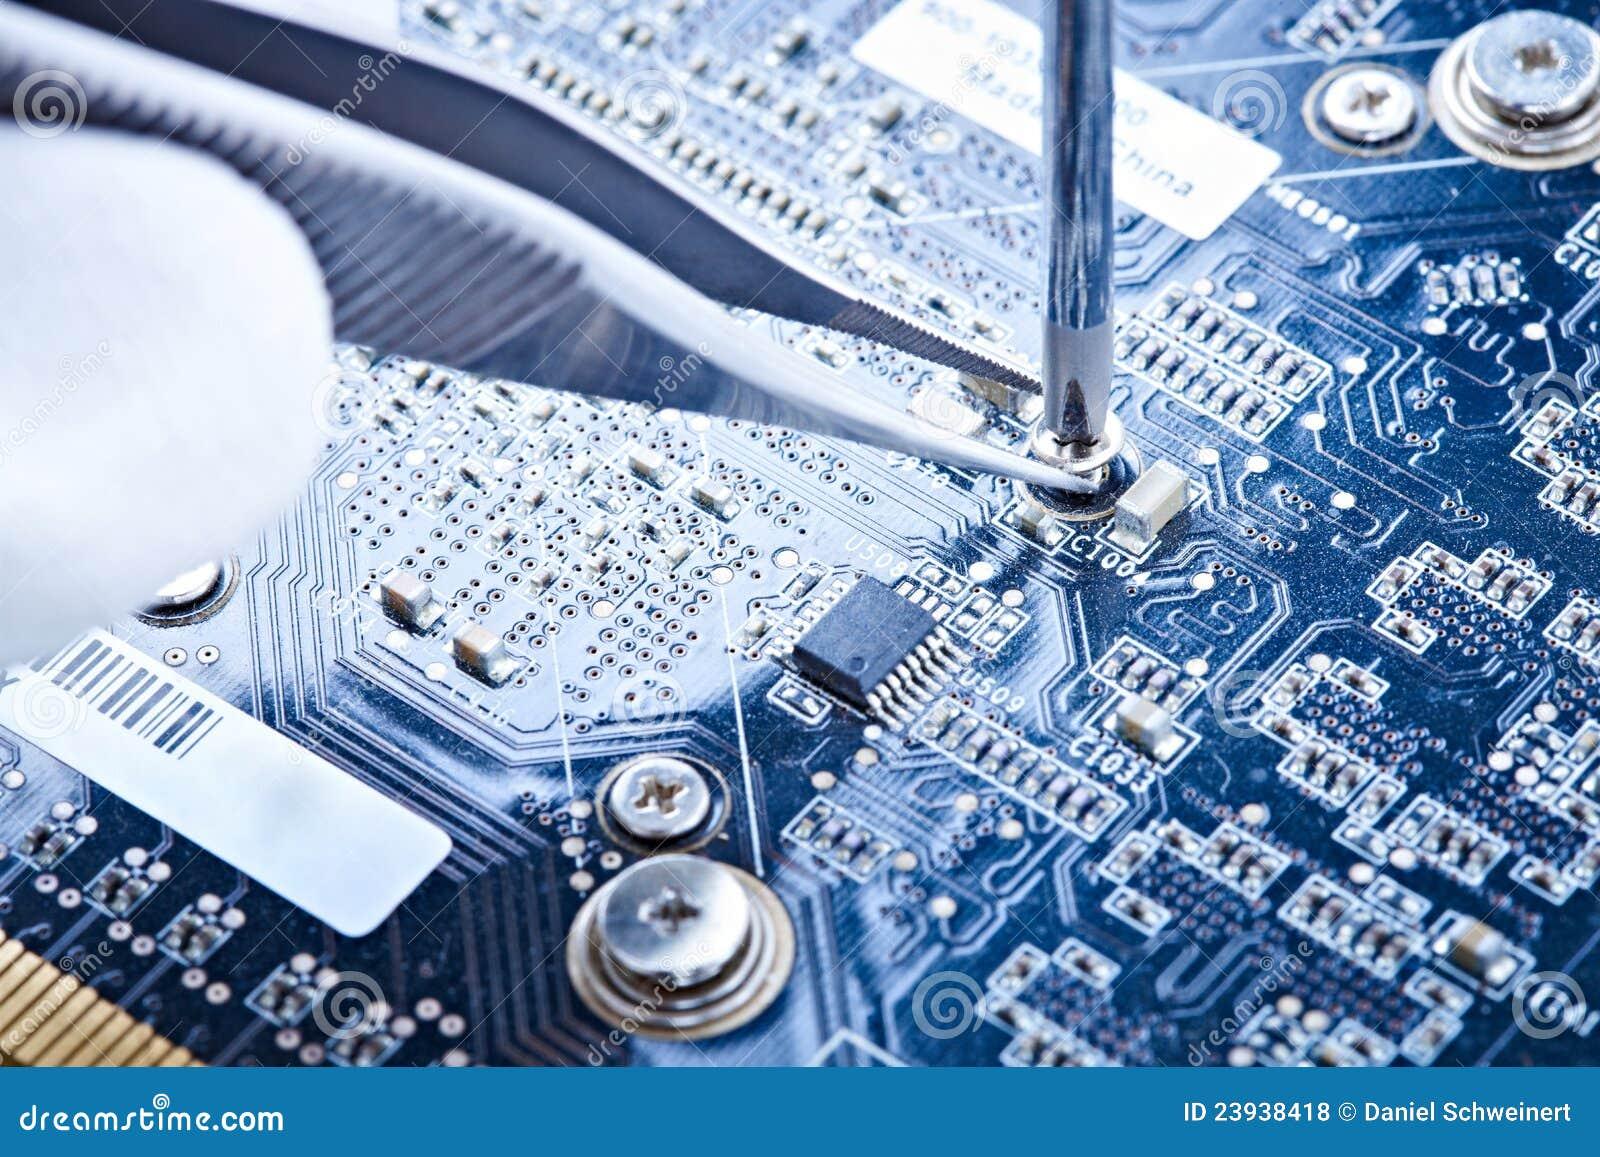 Notebook Repair Printed Circuit Board Stock Photo Image Of Circuitboardnotebook